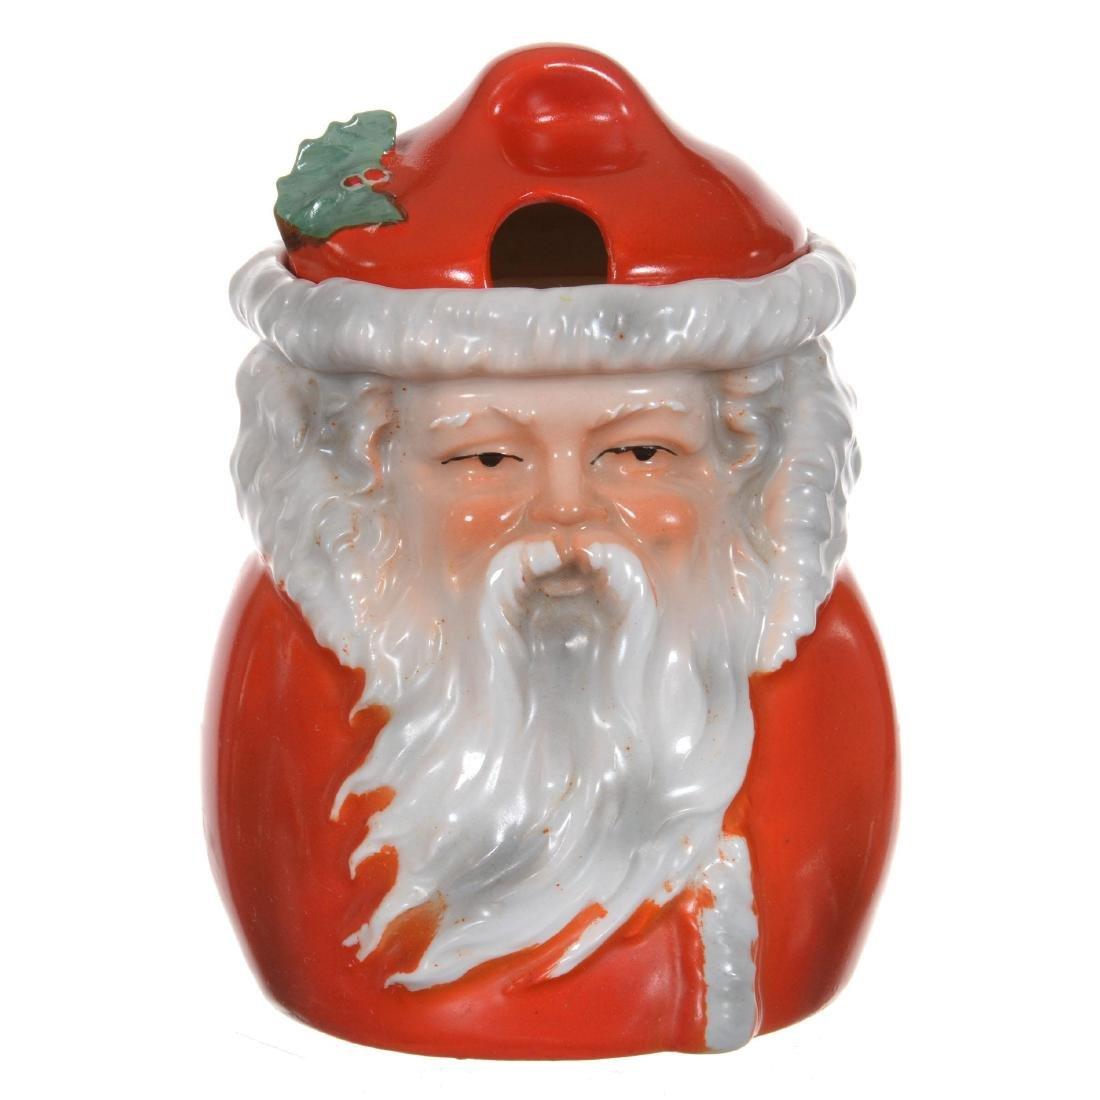 Royal Bayreuth Santa Claus Jam Jar